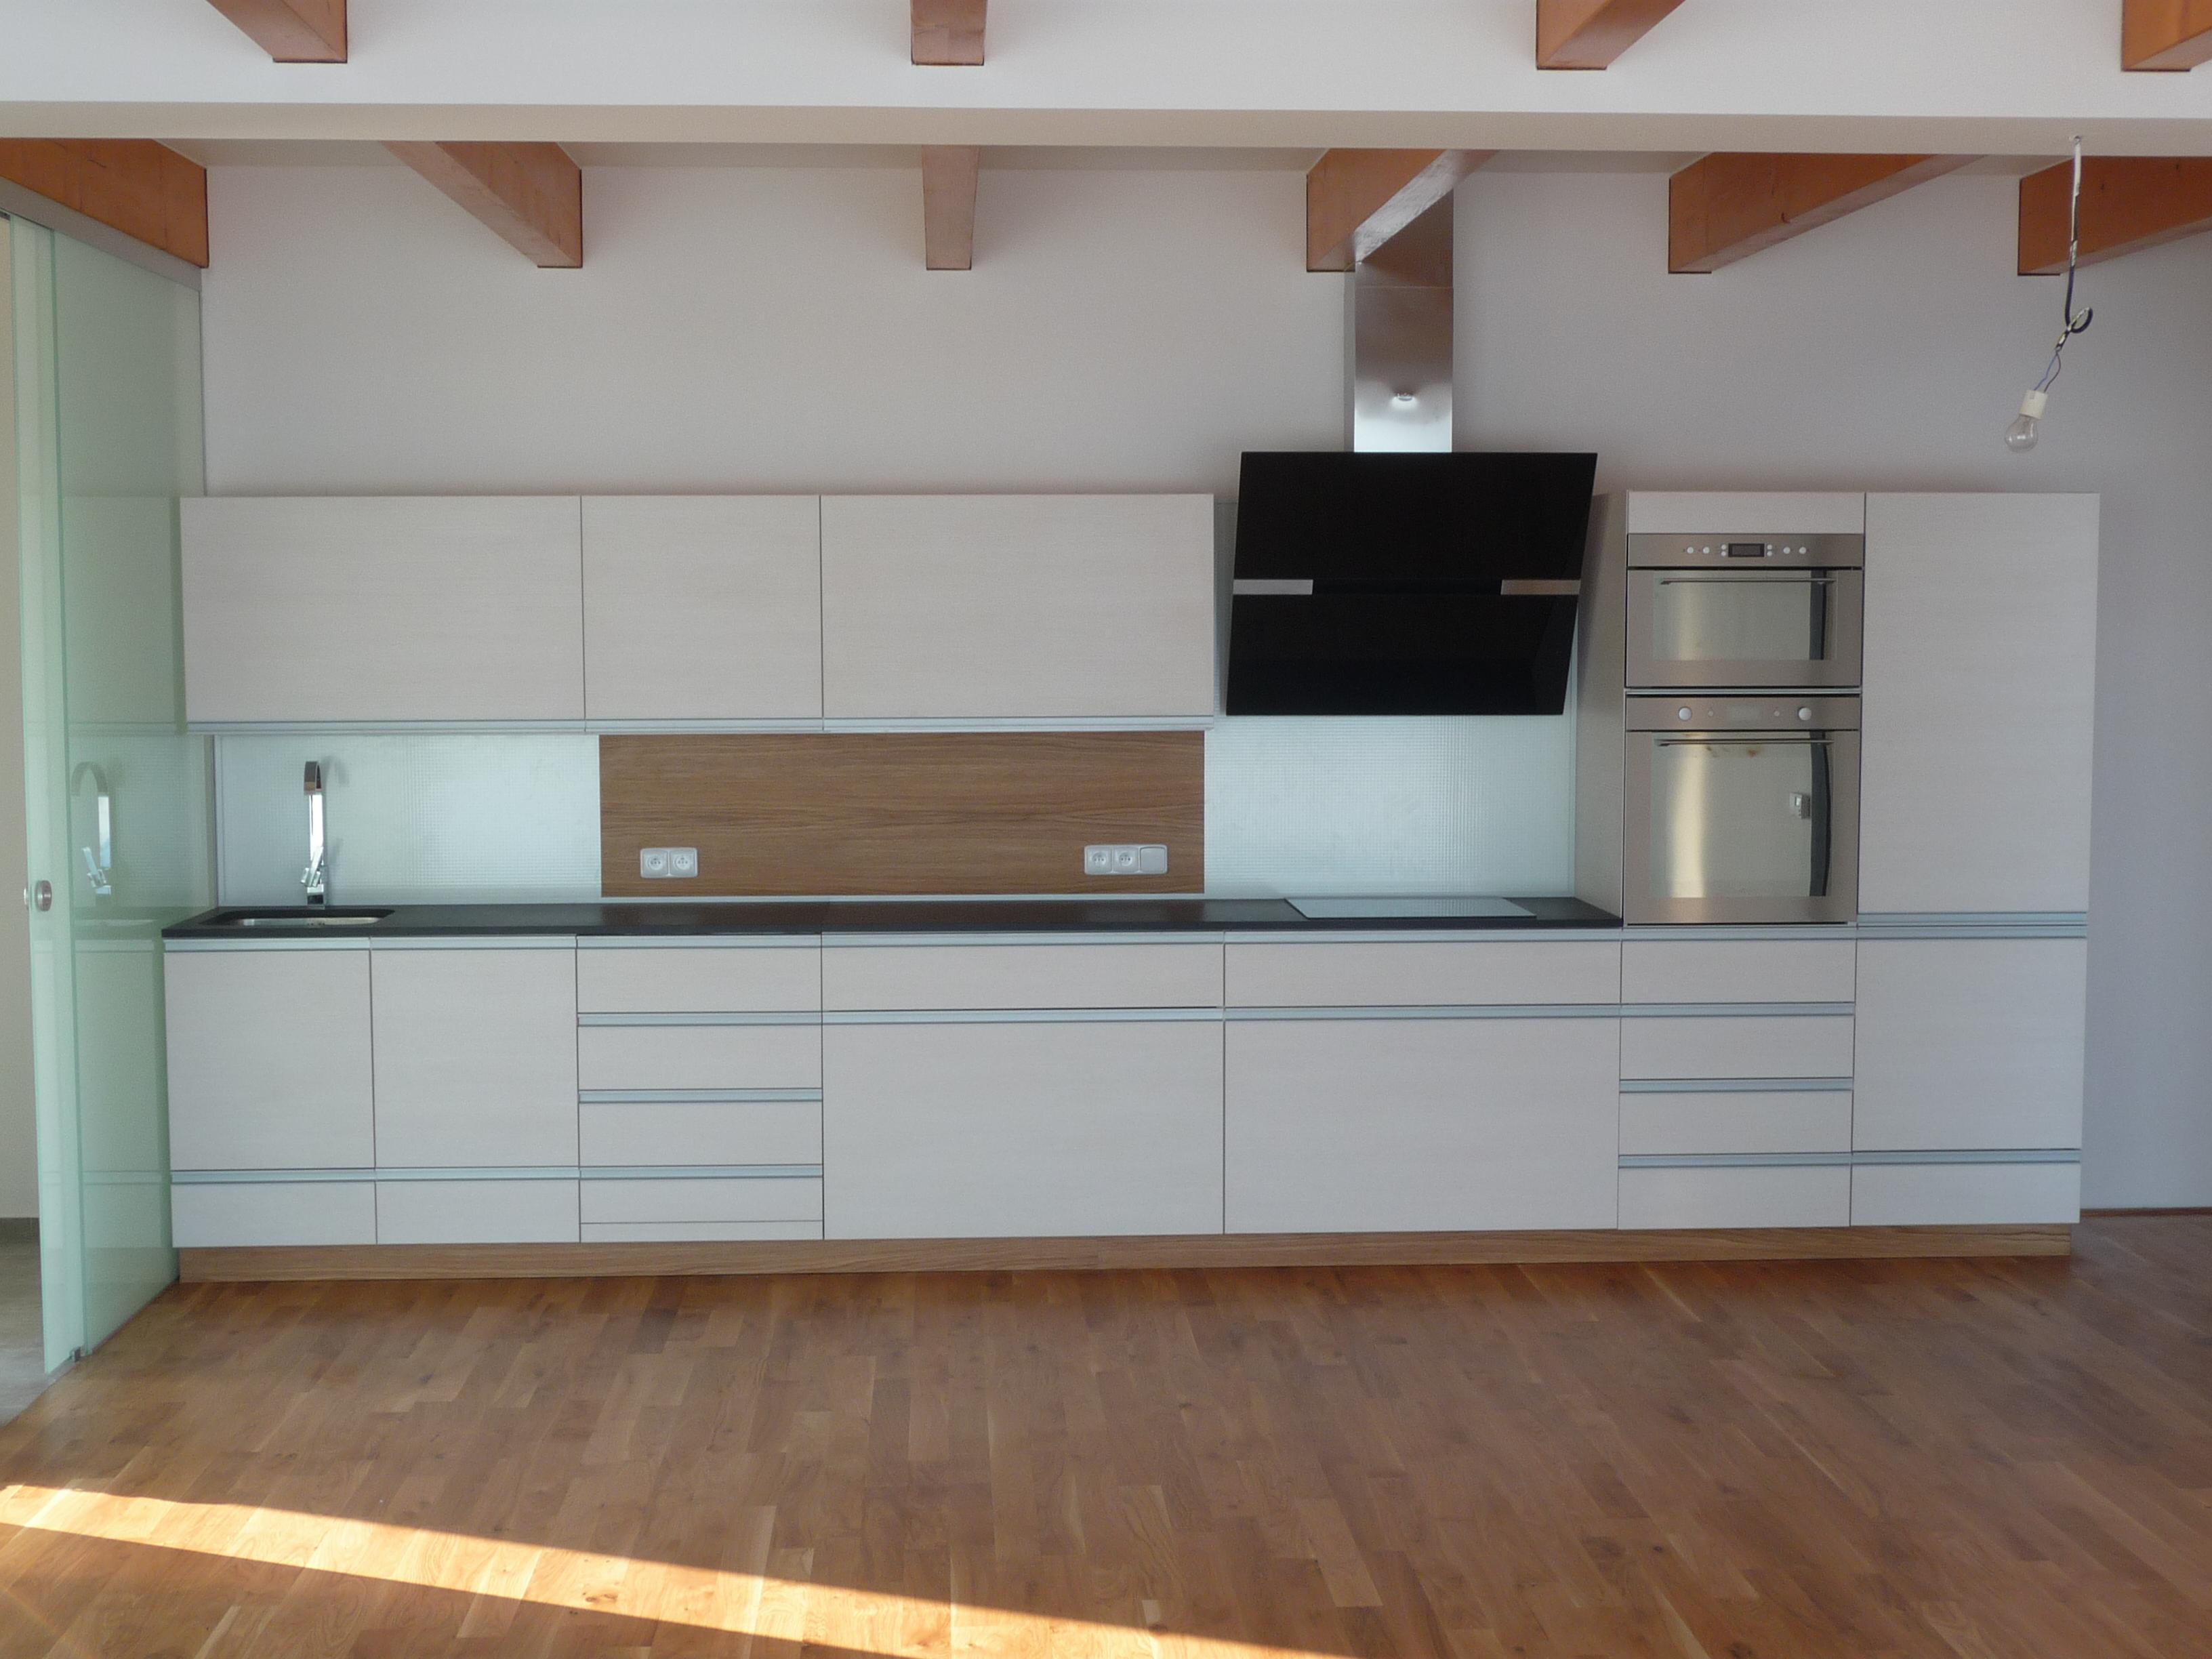 Moderní kuchyně Nymburk